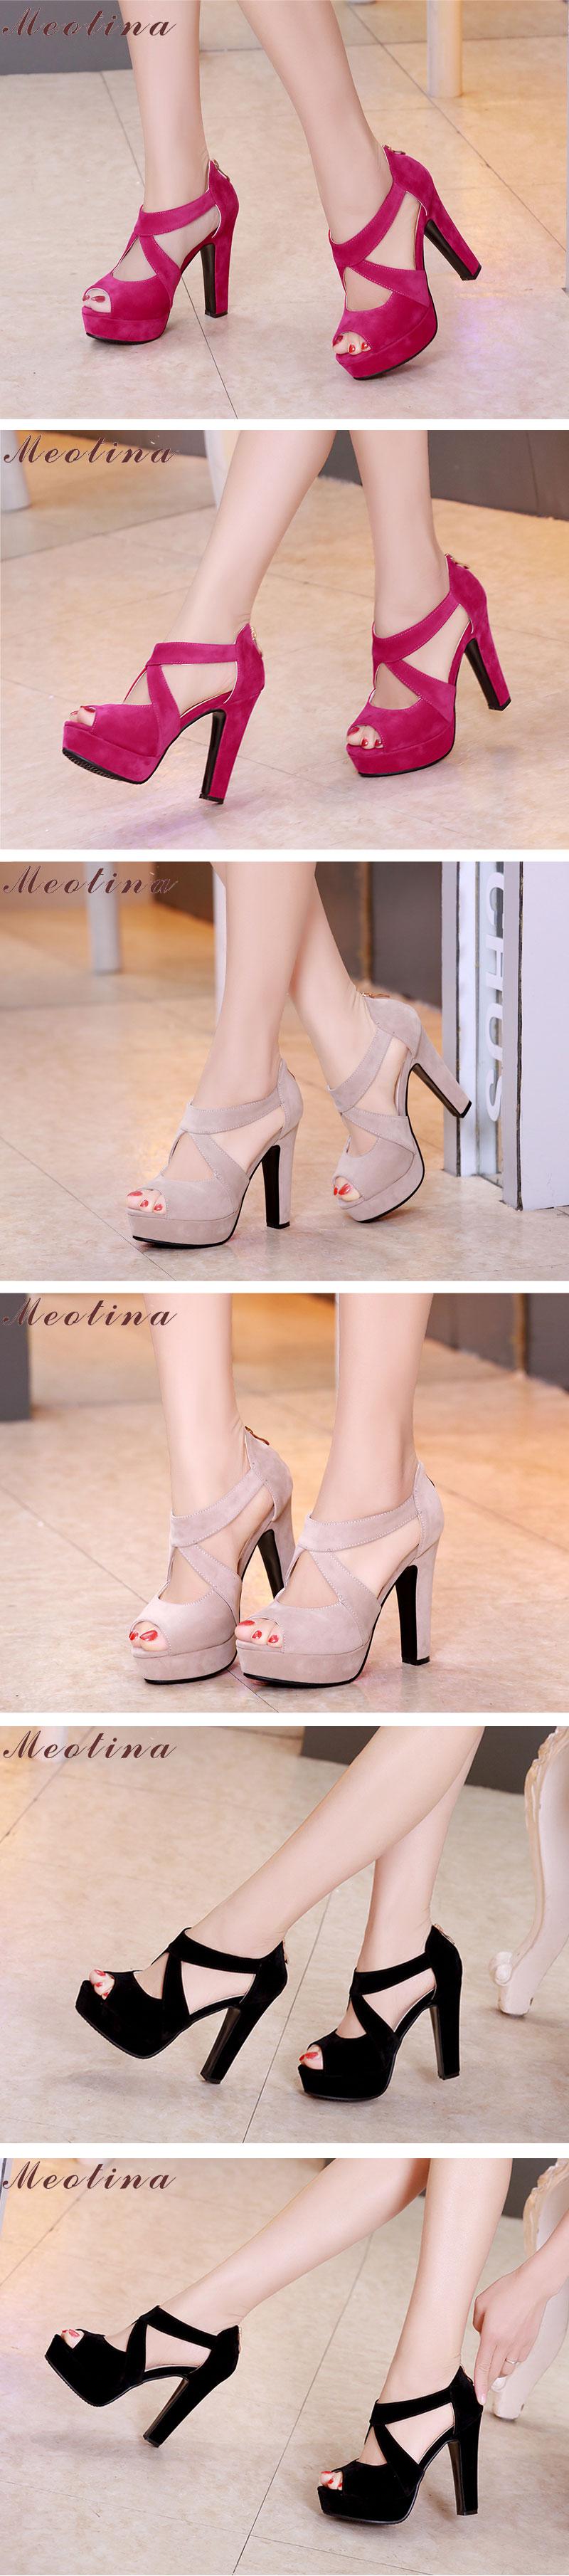 New Women's Platform Sandals, Shoes Cross Strap, High Heel Sandals 15